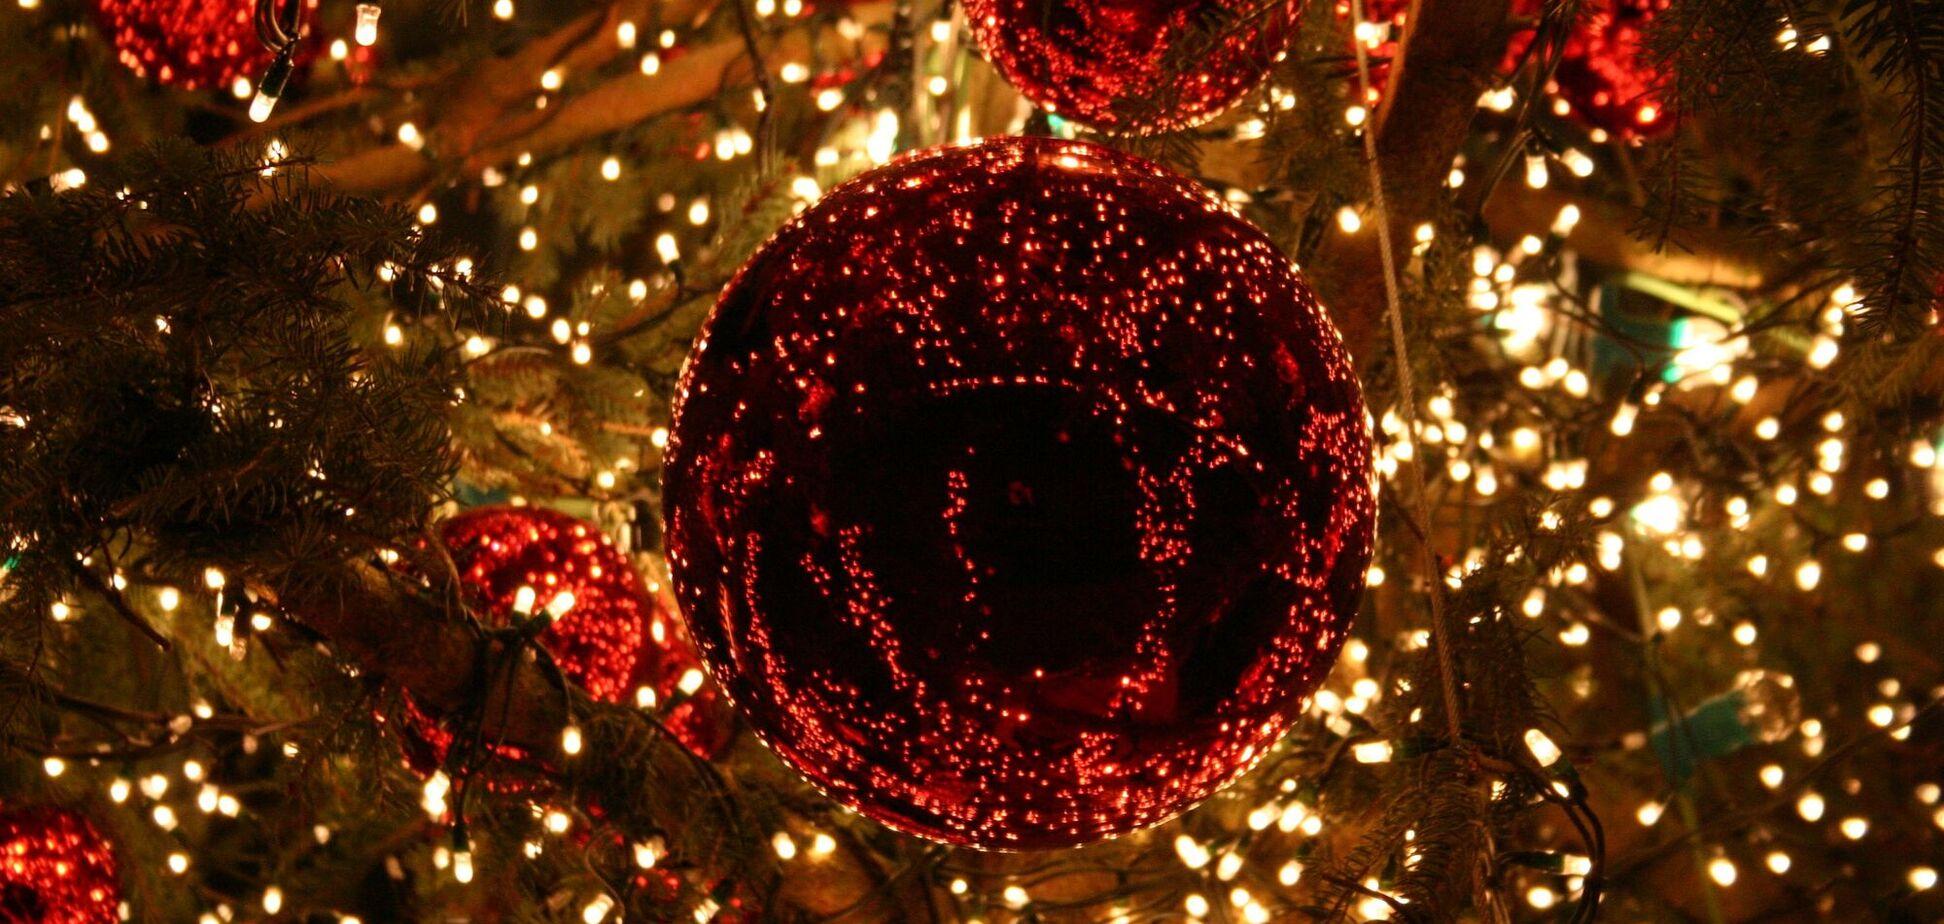 Новогодние ели раньше украшали обычными свечами